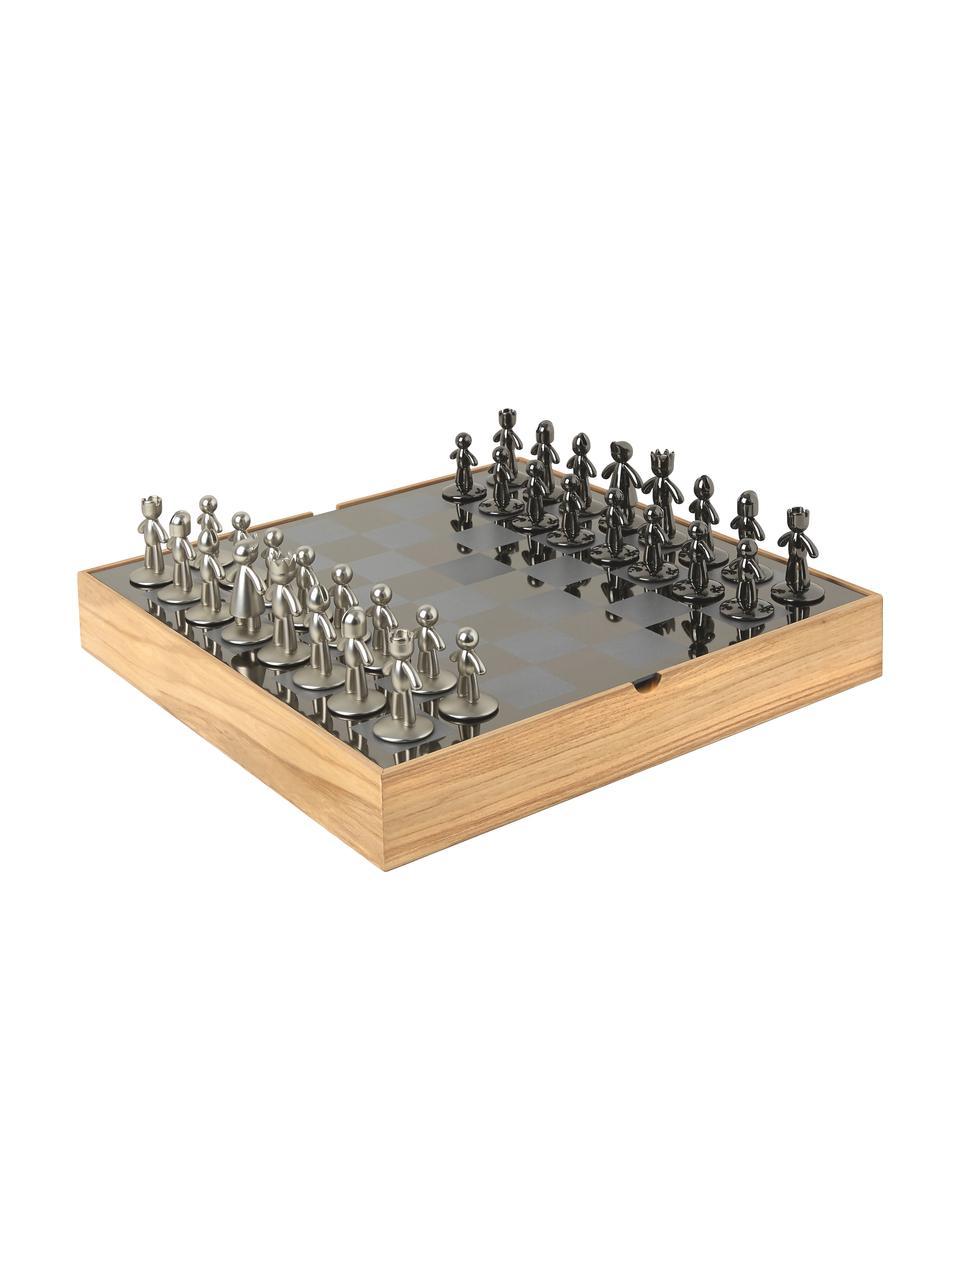 Scacchi Buddy 33 pz, Scatola: legno di frassino, Scatola: legno di frassino<br>Scacchiera: titanio<br>Figure: nichel, titanio, L 33 x A 4 cm